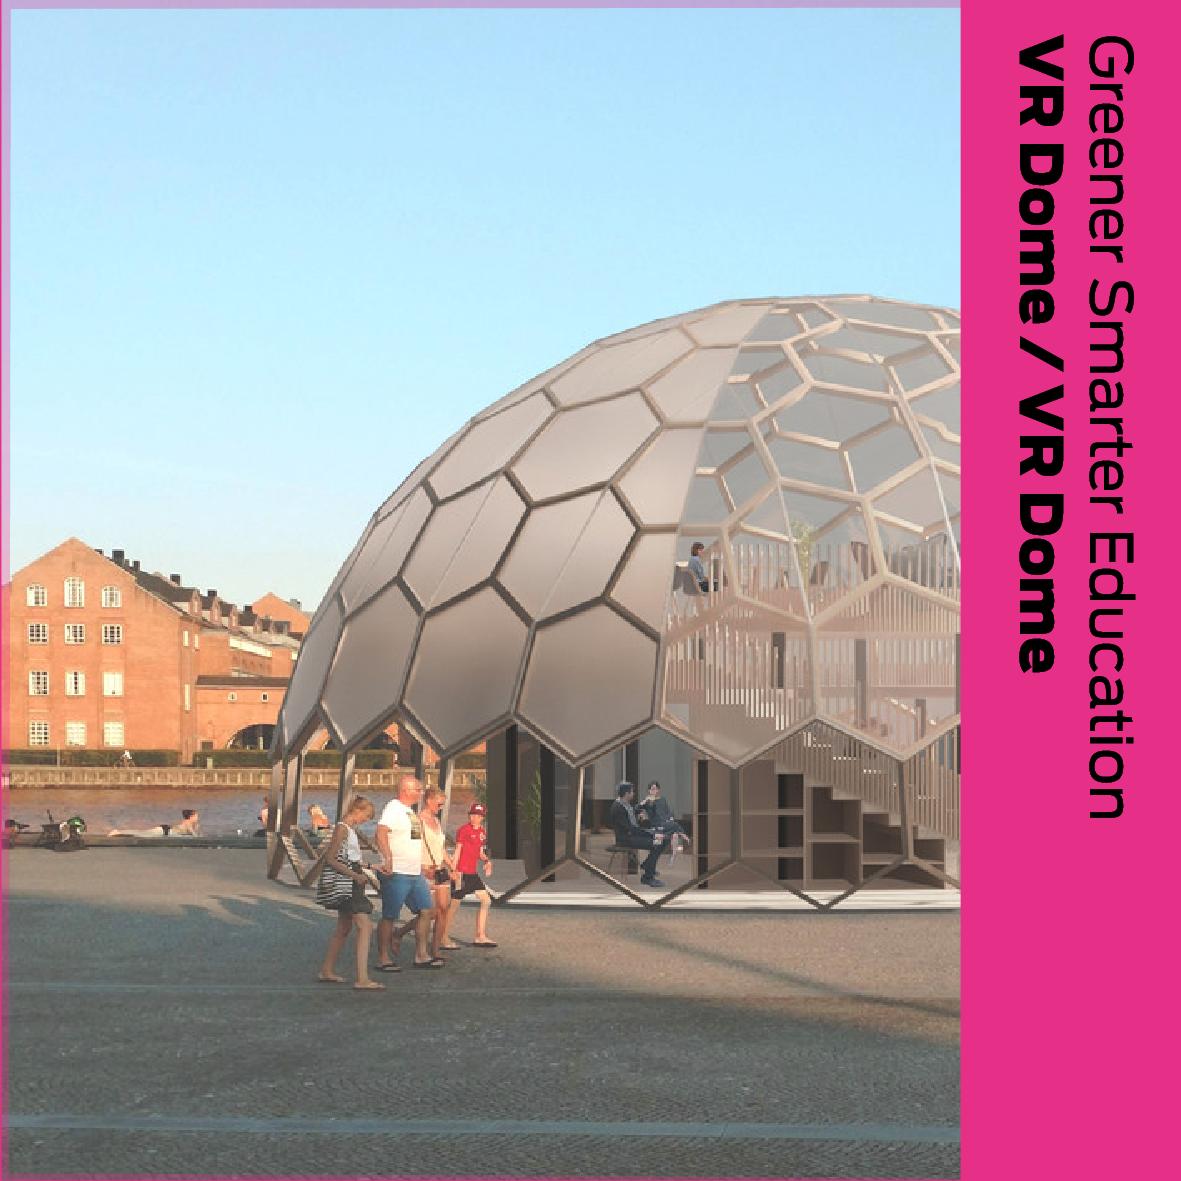 Greener Smarter Living (DK): VR Dome